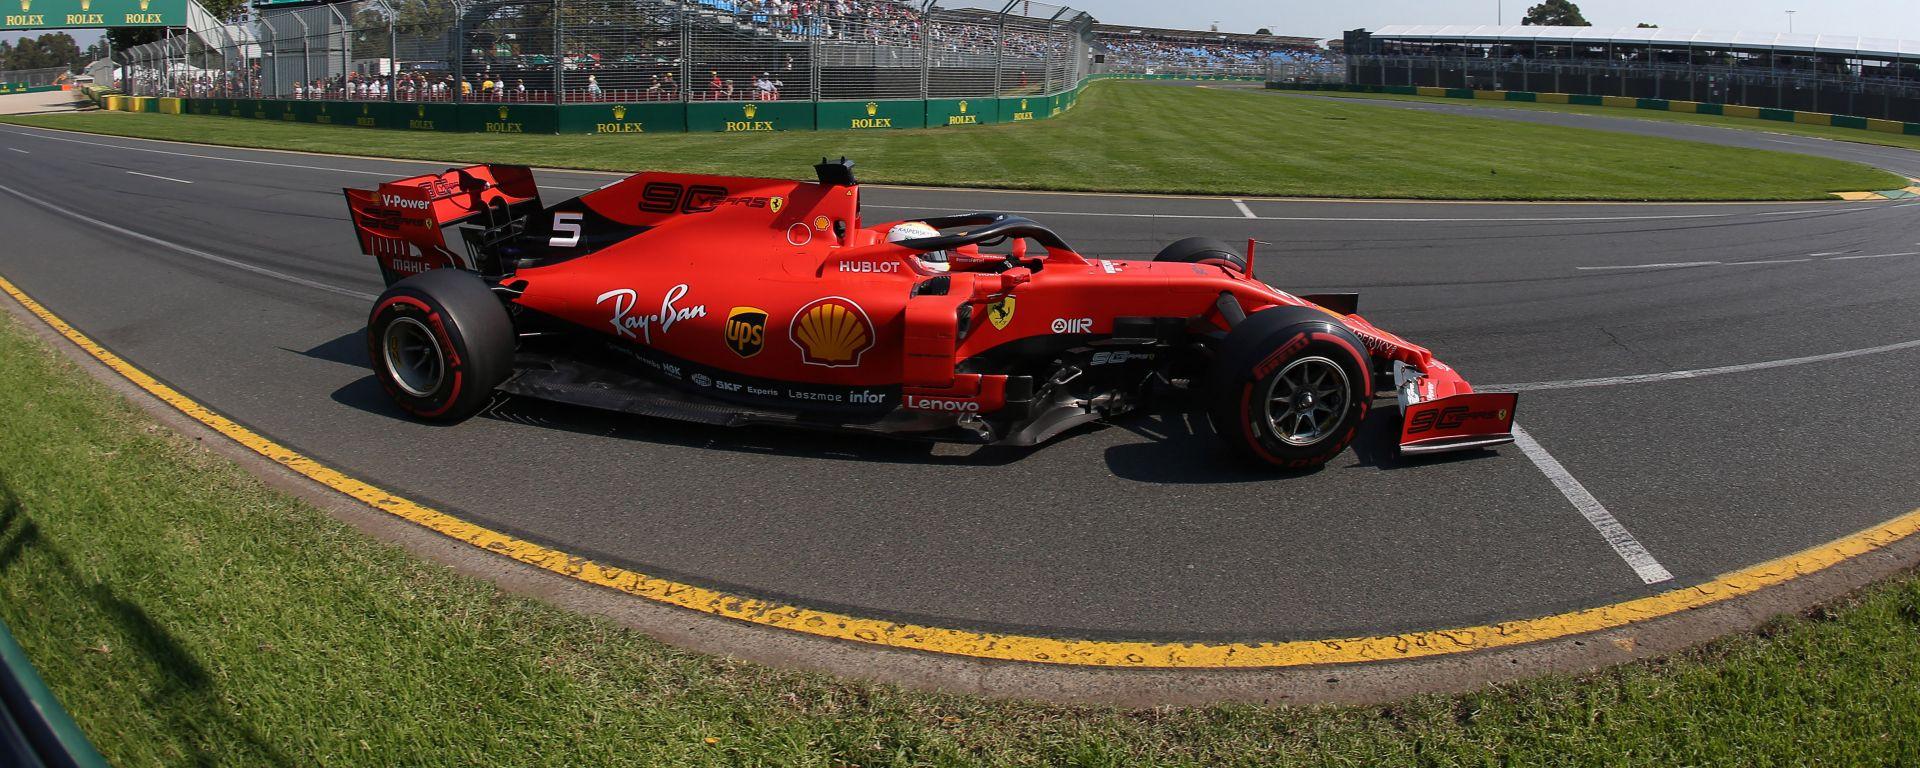 Sebastian Vettel durante le qualifiche del Gp Australia 2019